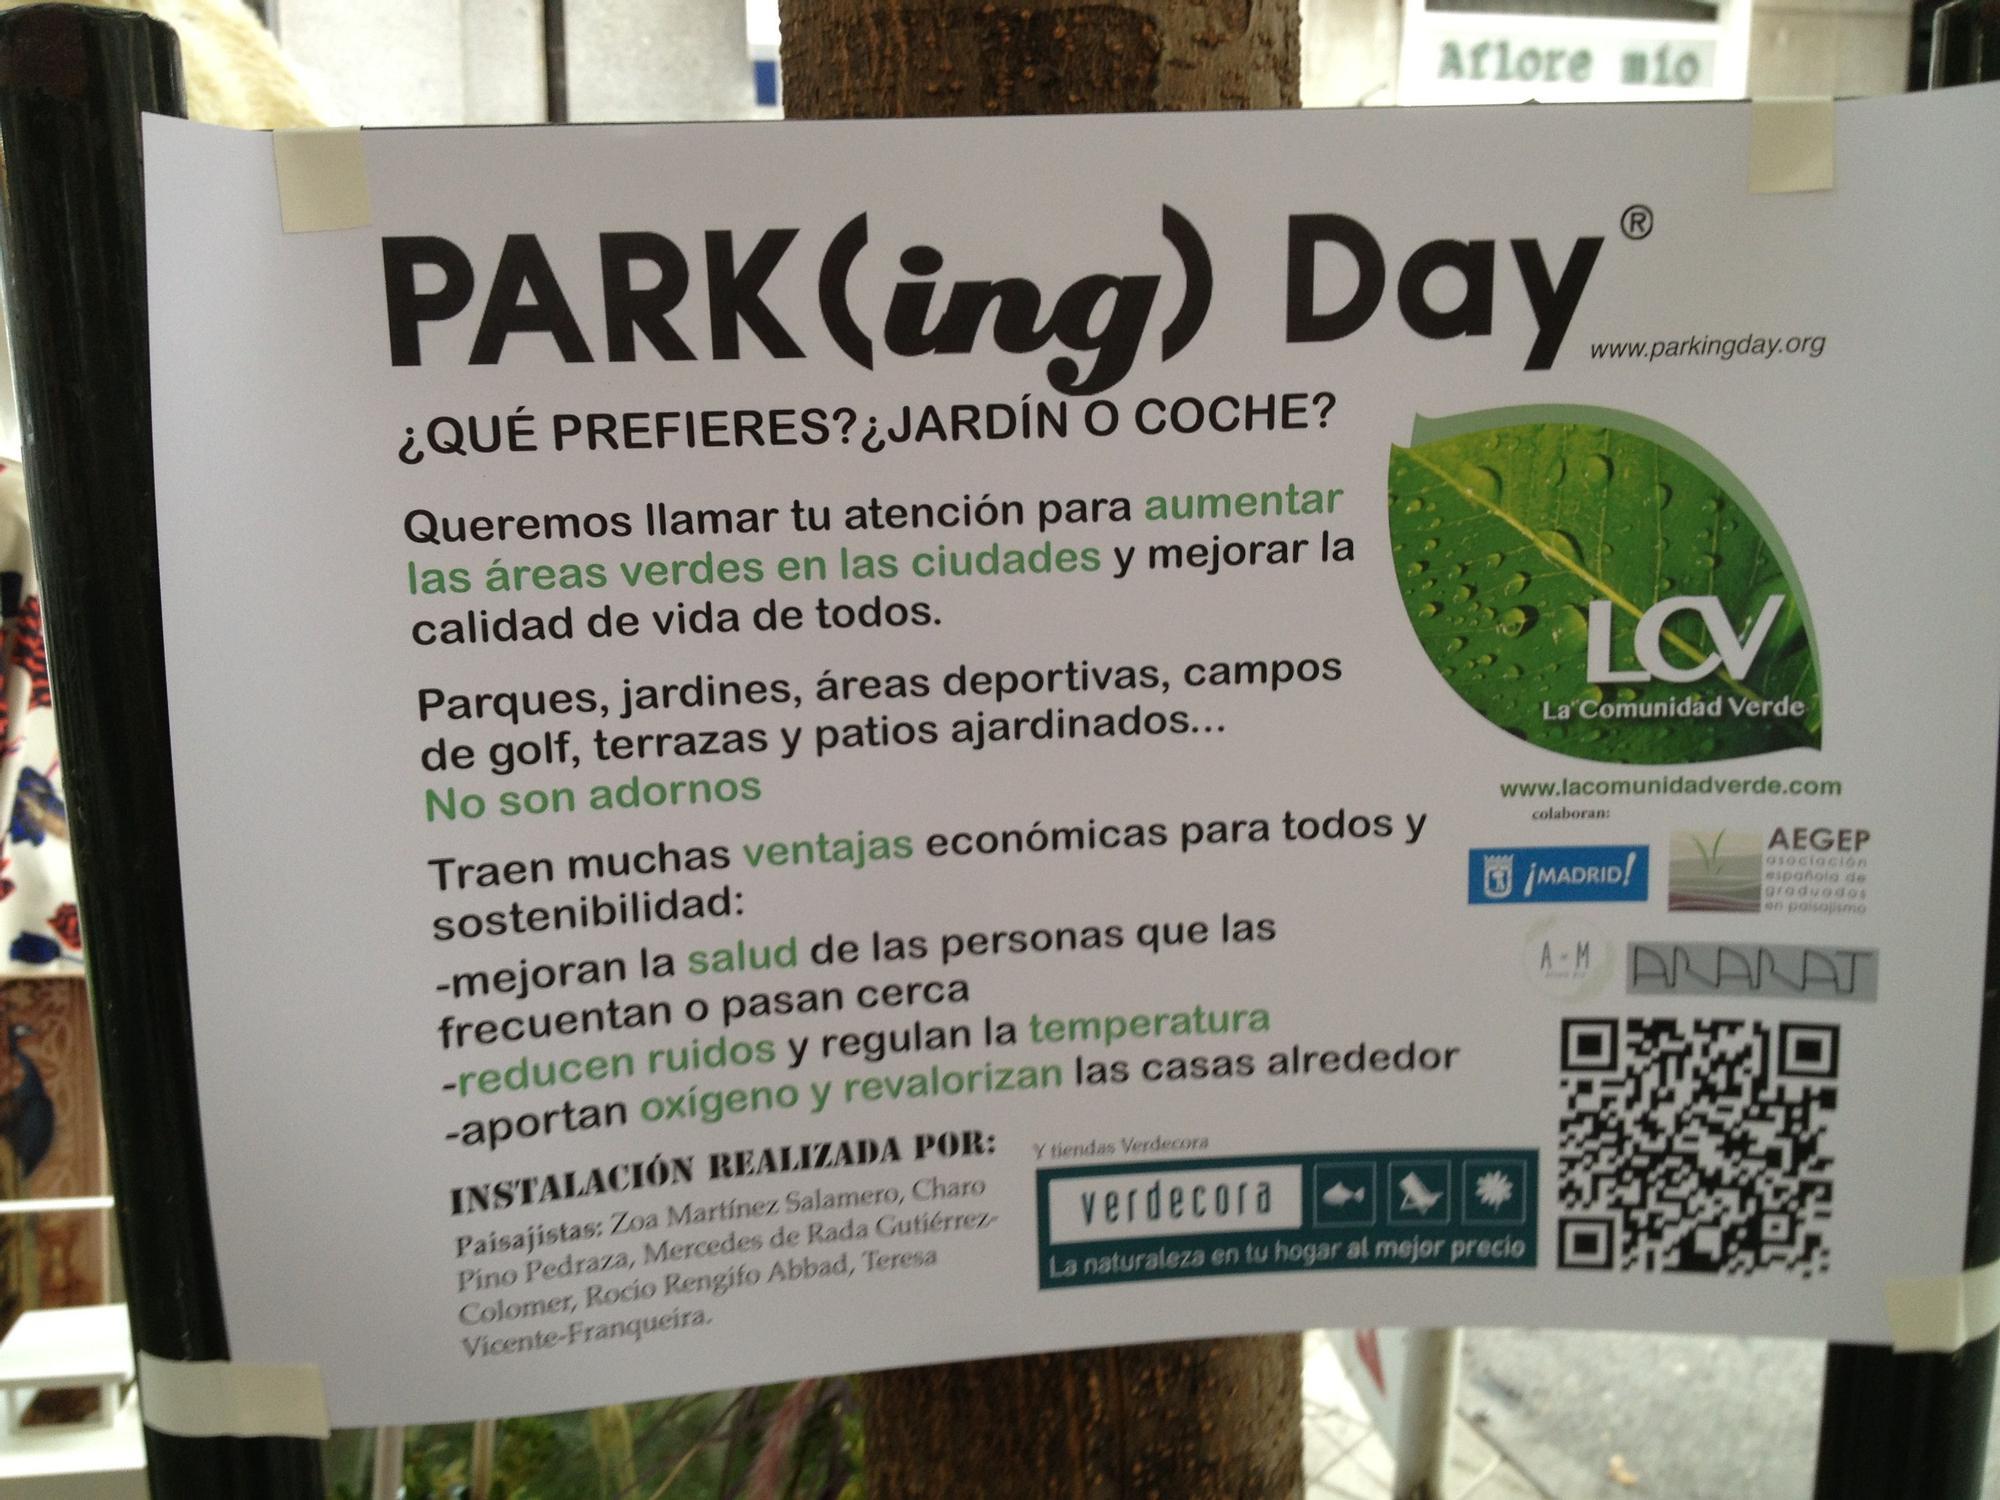 Cartel del PARK(ING) DAY 2014 | Fotografía: SOMOSCHUECA